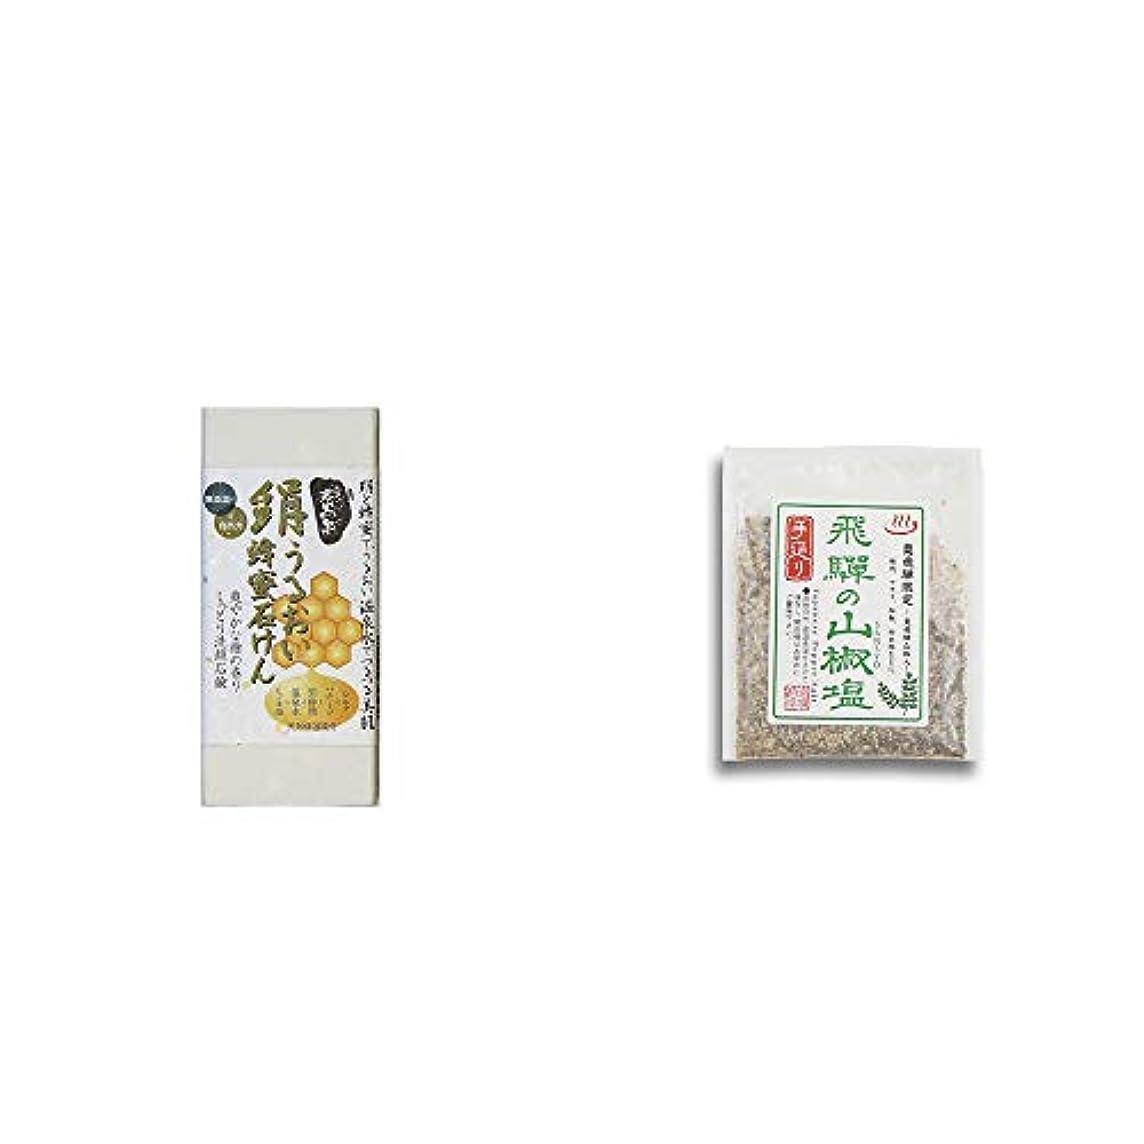 一般的に異常な影のある[2点セット] ひのき炭黒泉 絹うるおい蜂蜜石けん(75g×2)?手造り 飛騨の山椒塩(40g)